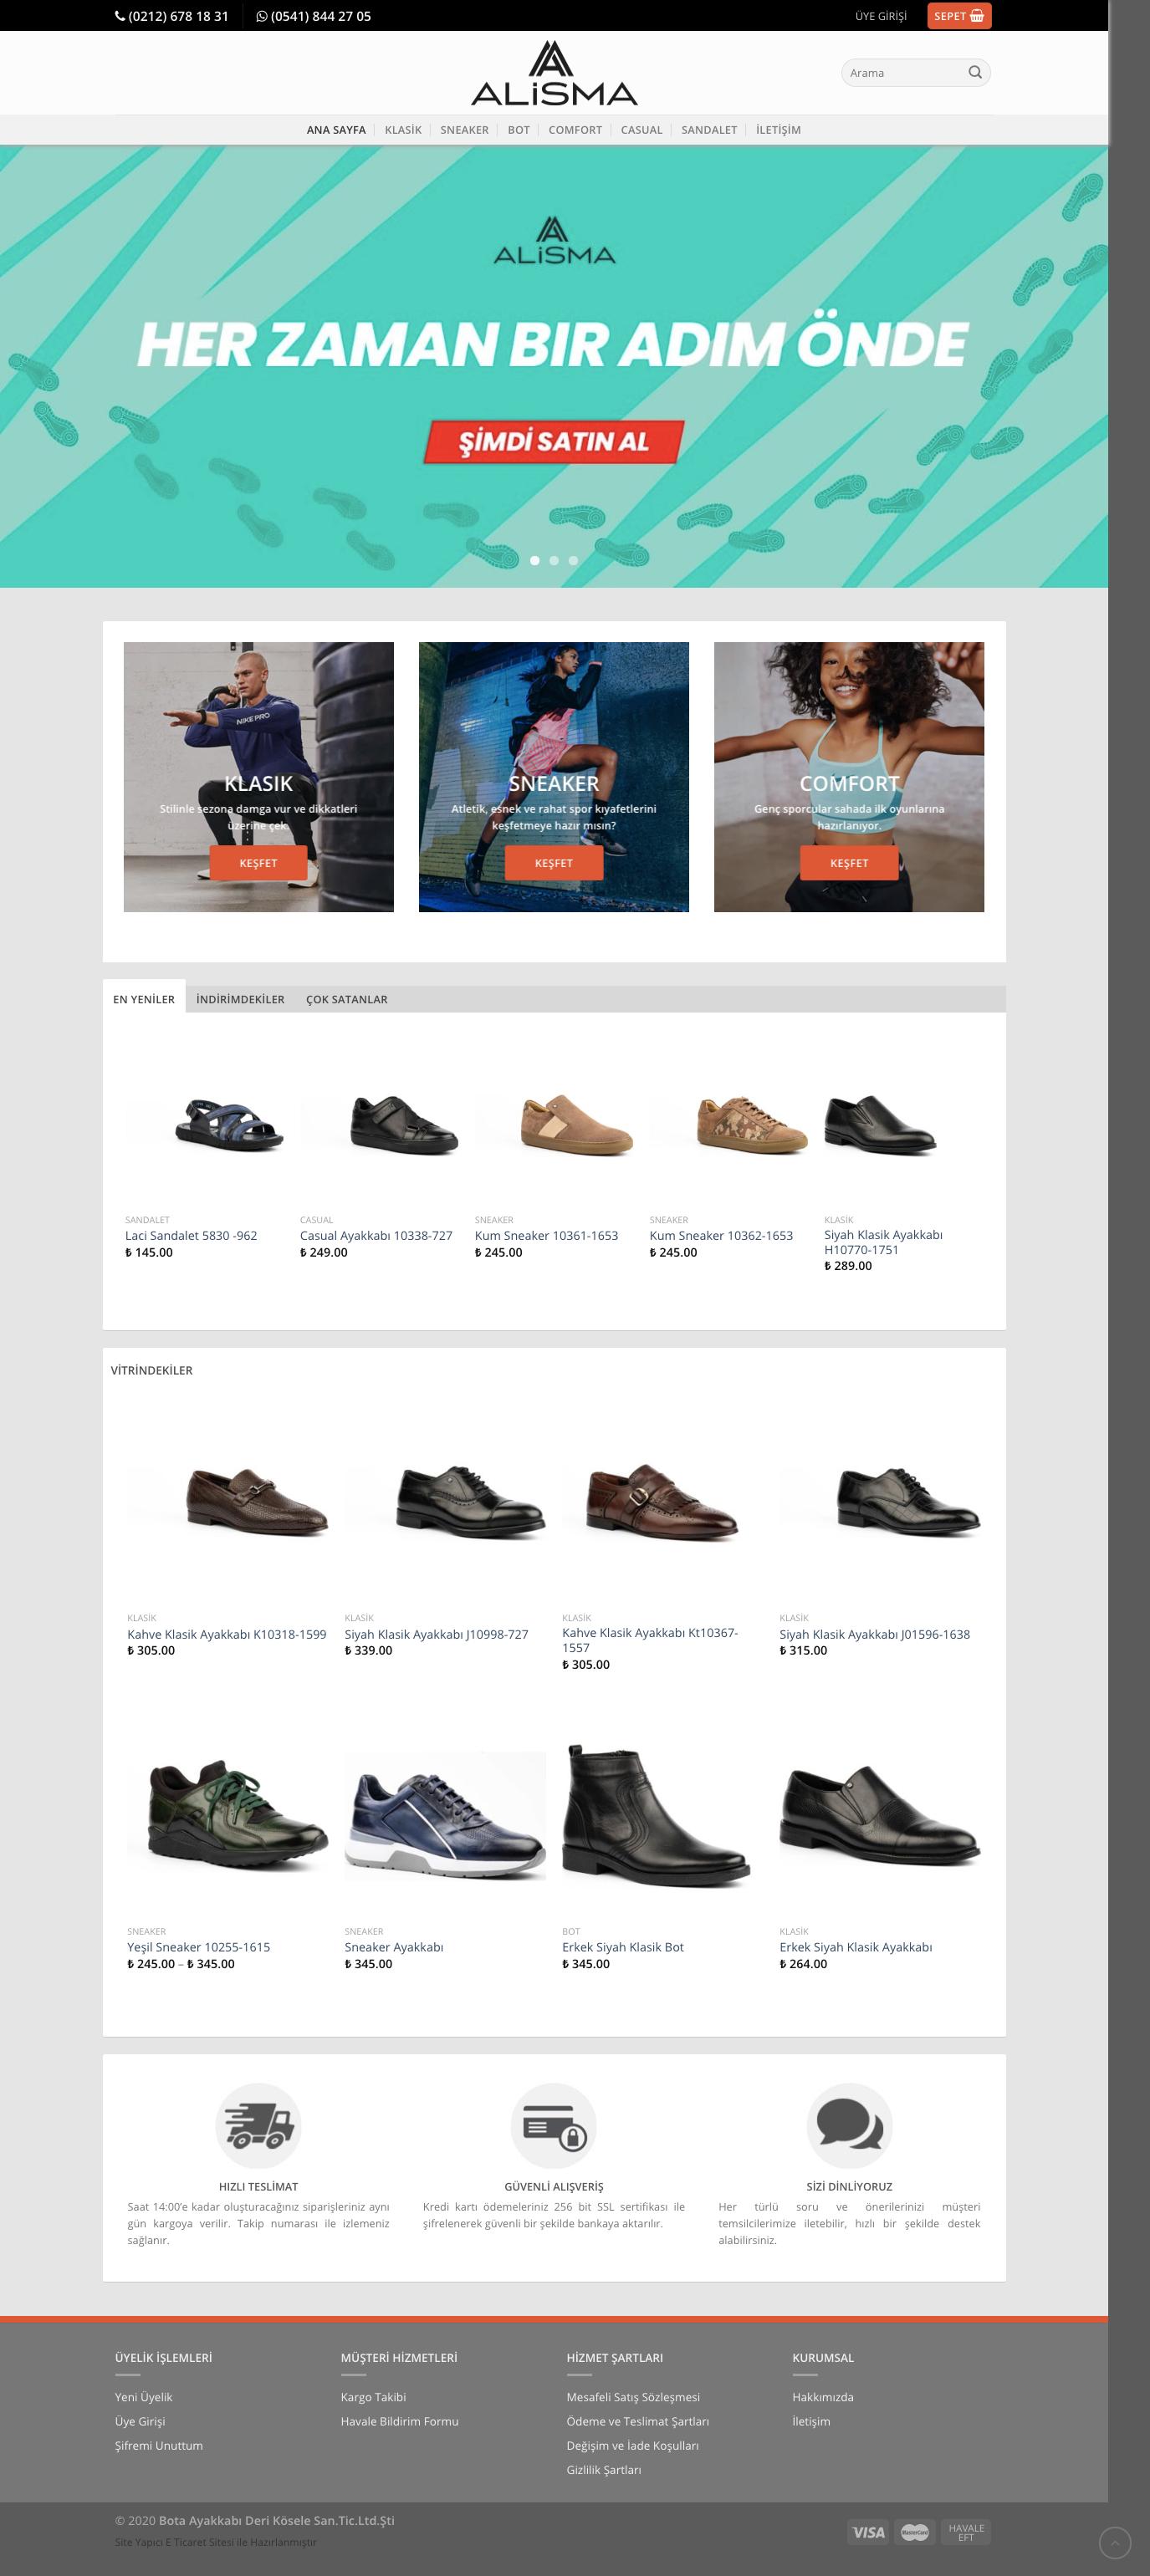 Alisma Web Sitesi